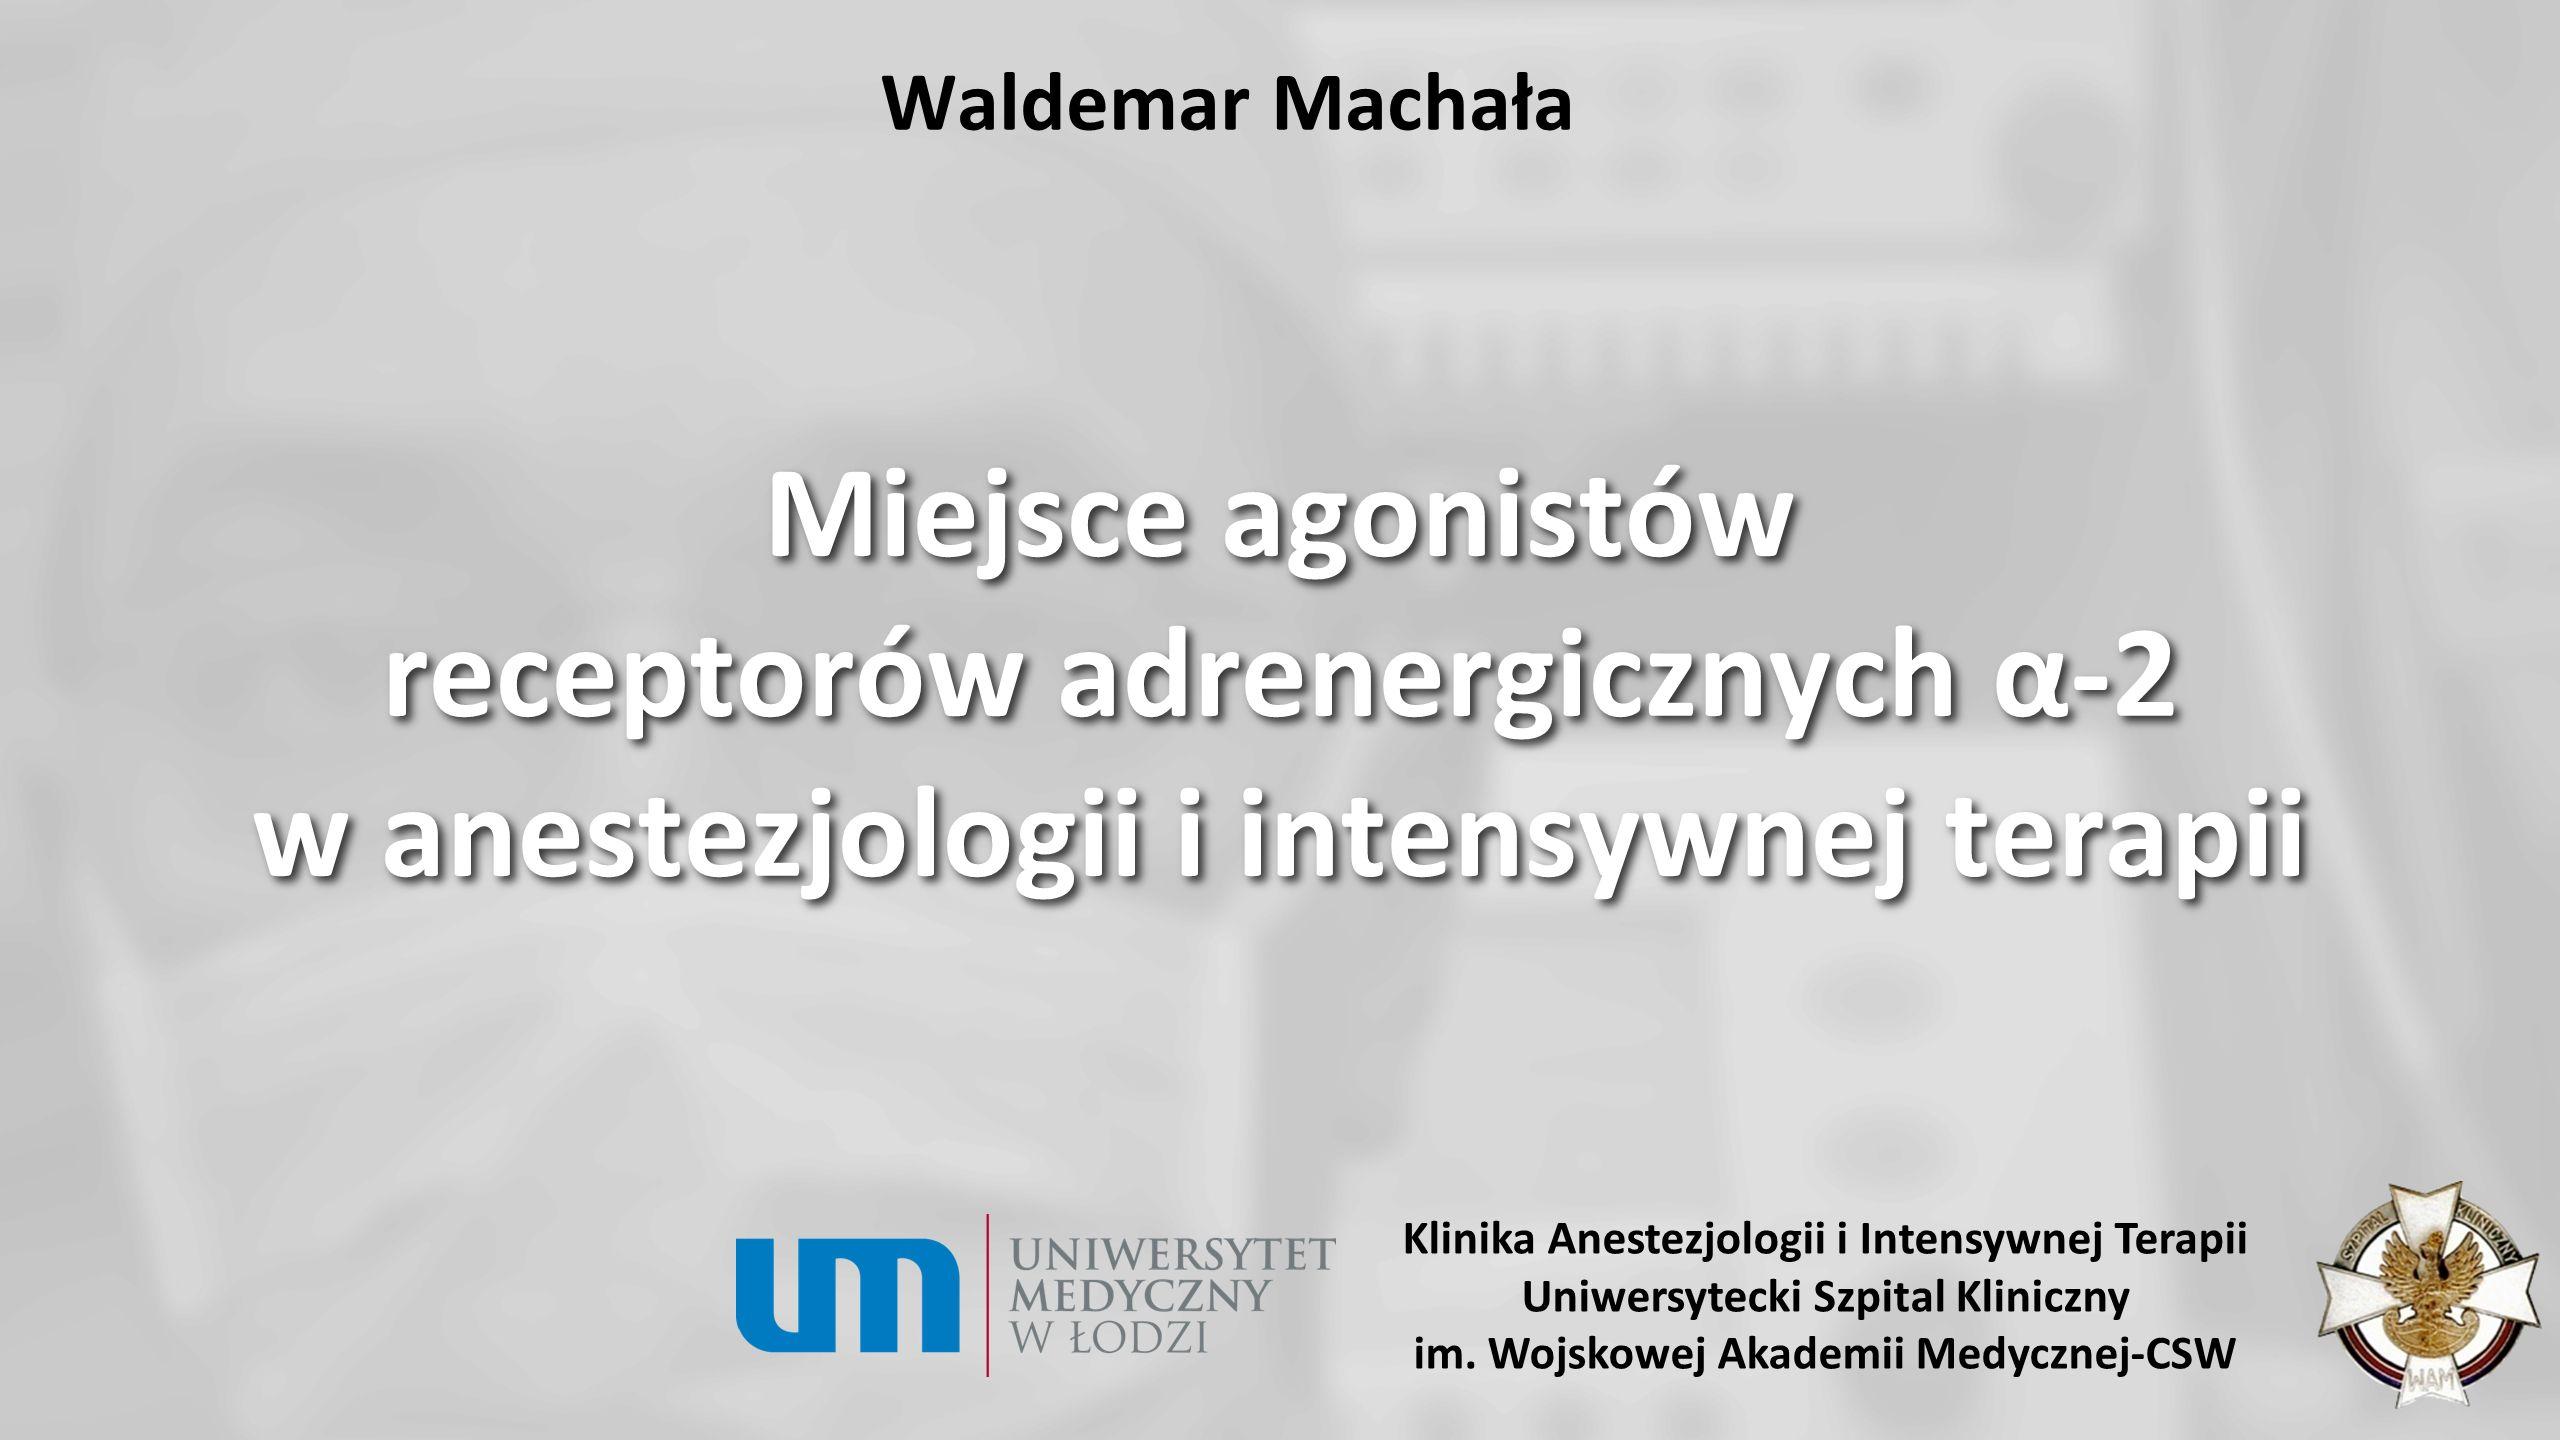 Waldemar MachałaMiejsce agonistów receptorów adrenergicznych α-2 w anestezjologii i intensywnej terapii.